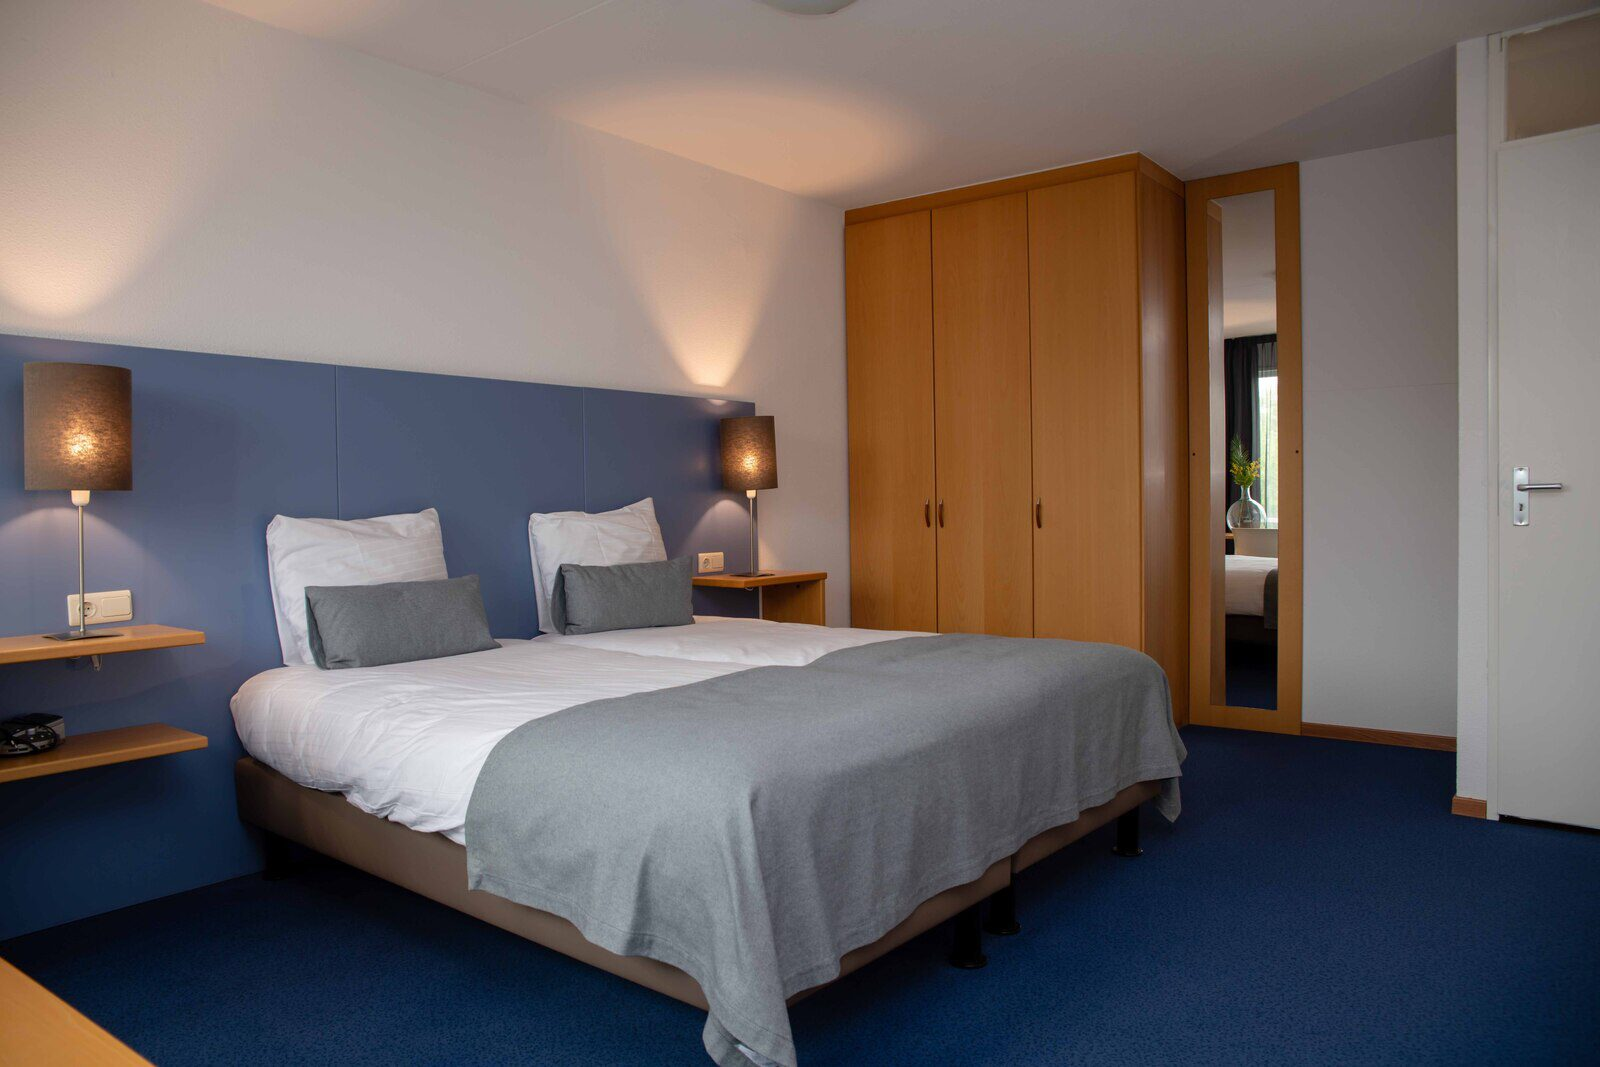 2-kamer appartement met zeezicht